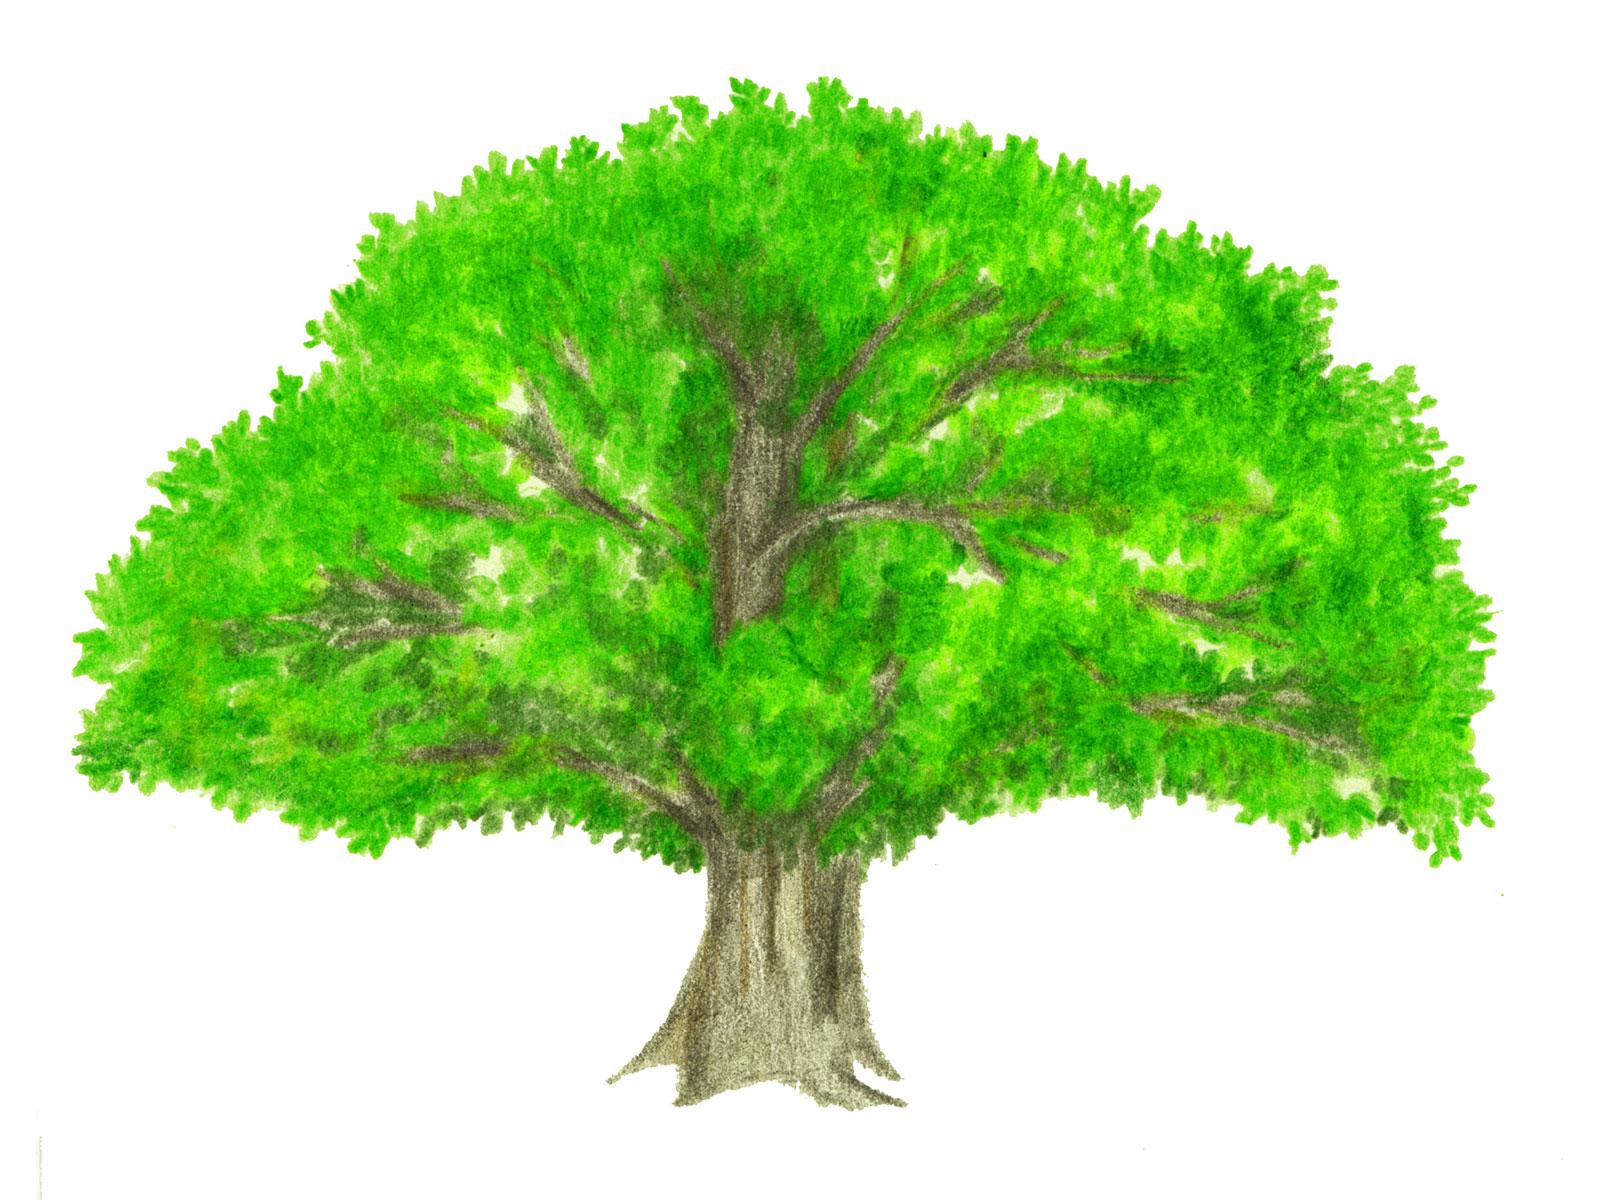 仏教の三大聖樹(無憂樹・印度菩提樹・沙羅双樹)とはどんな木なの ...